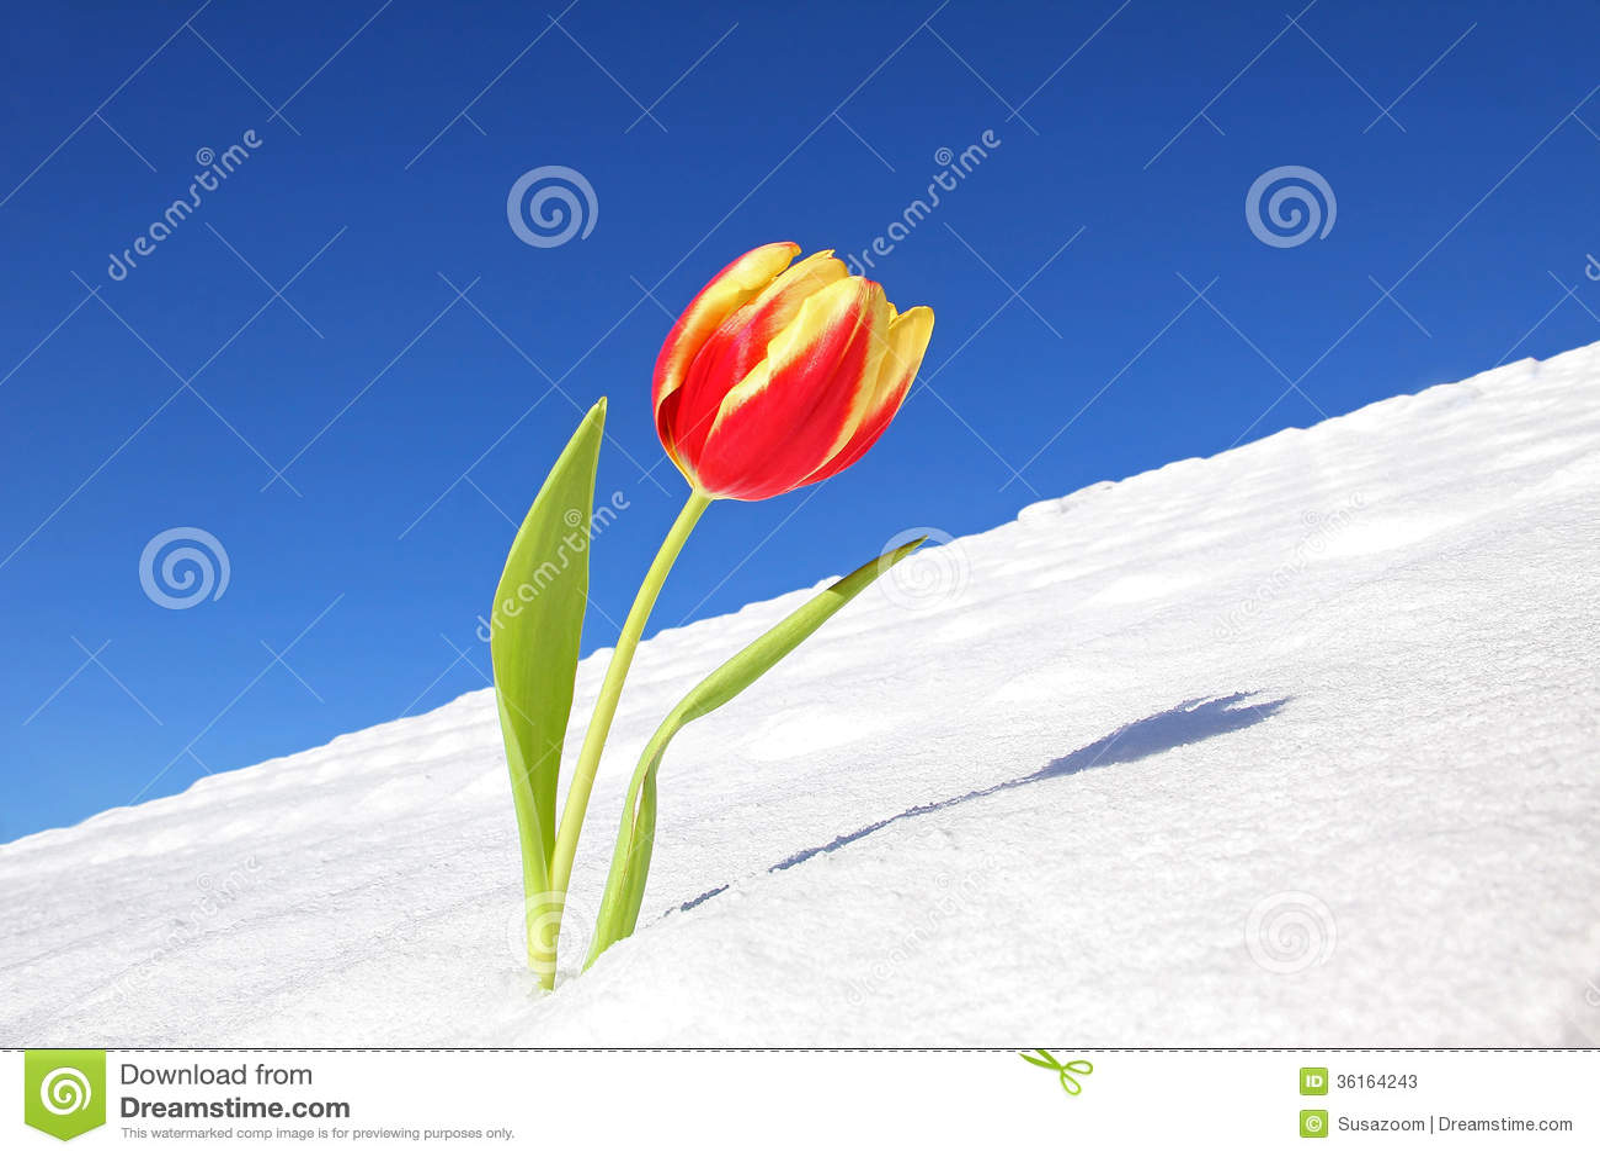 tulipe hiver